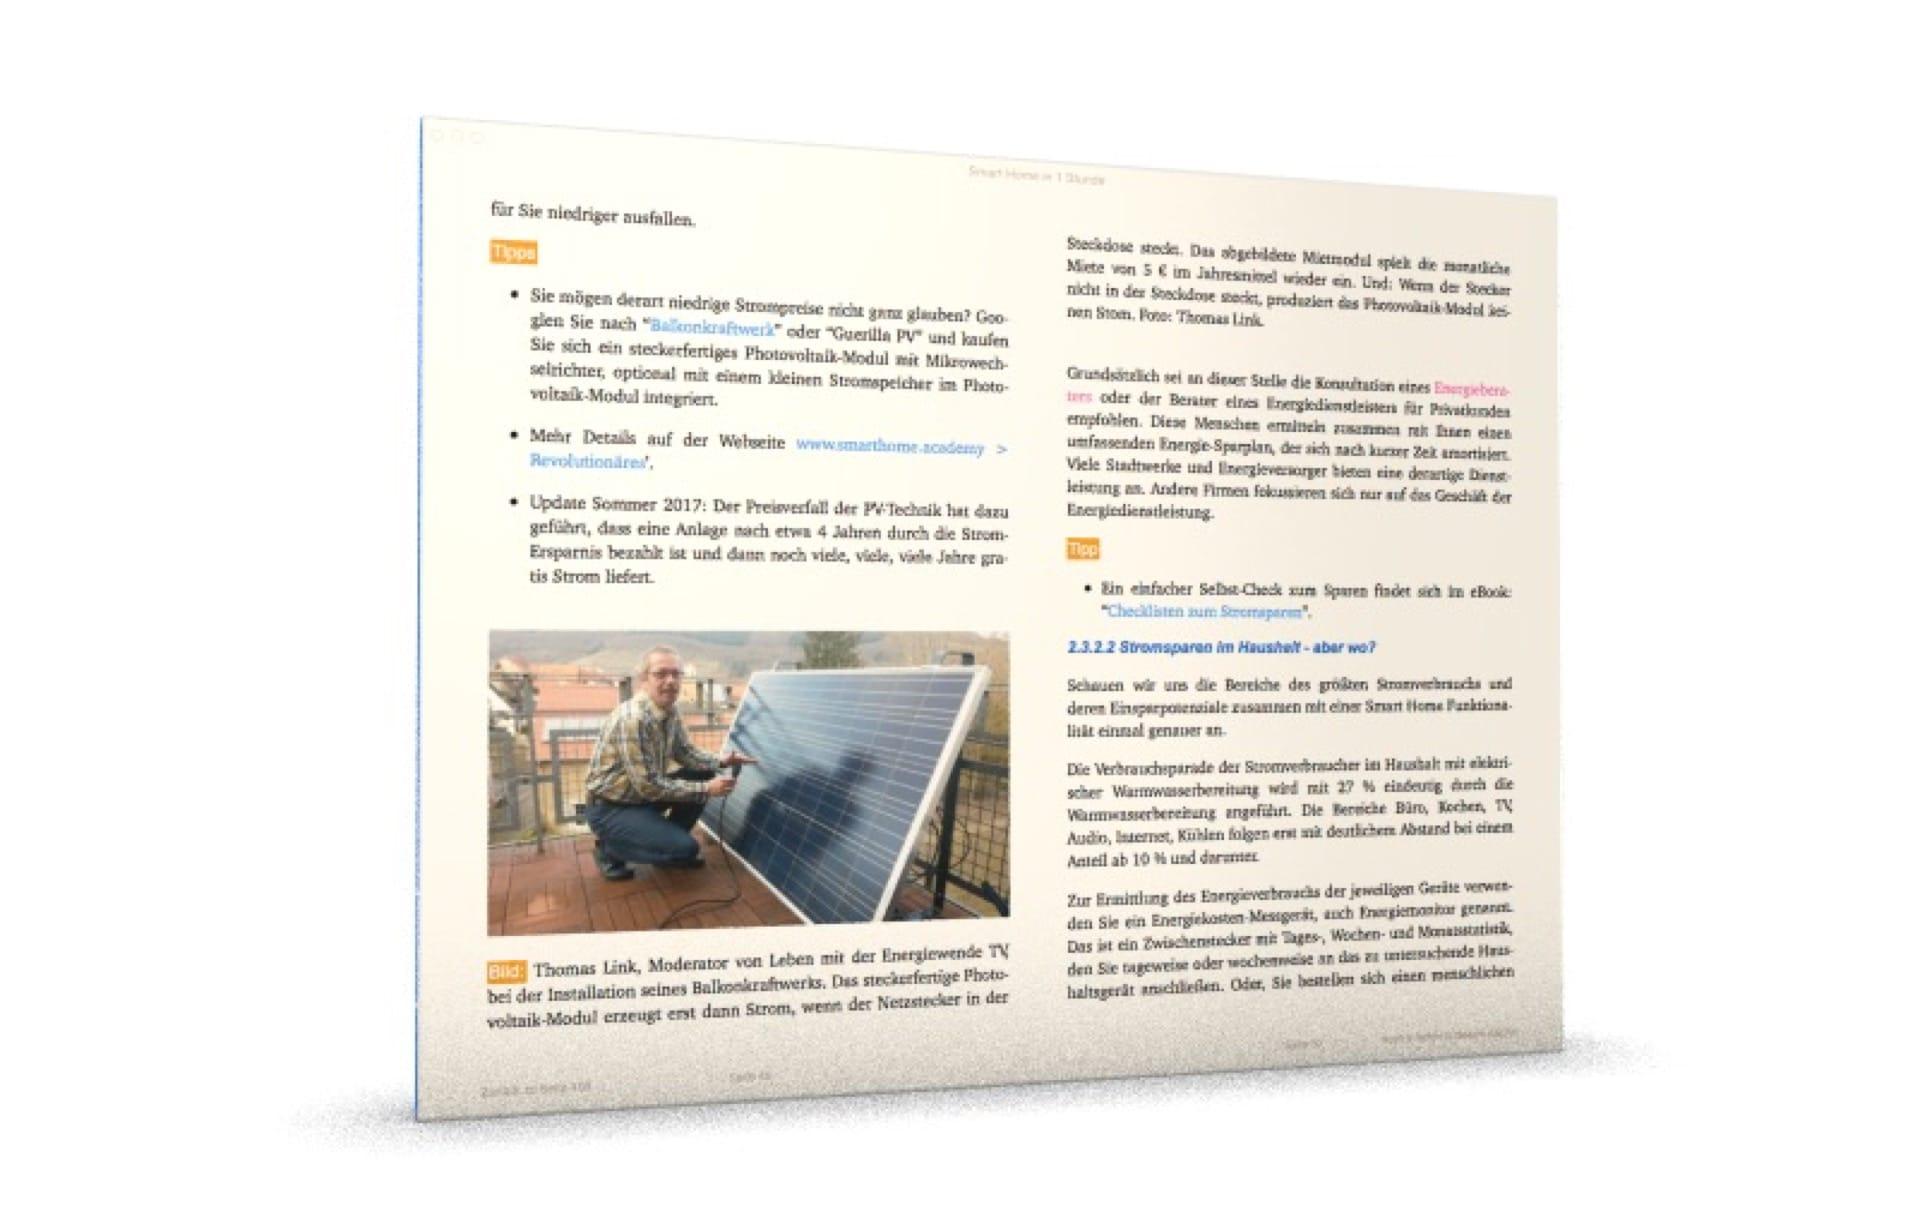 Smart Home: Strom selber erzeugen mit dem Balkonkraftwerk.